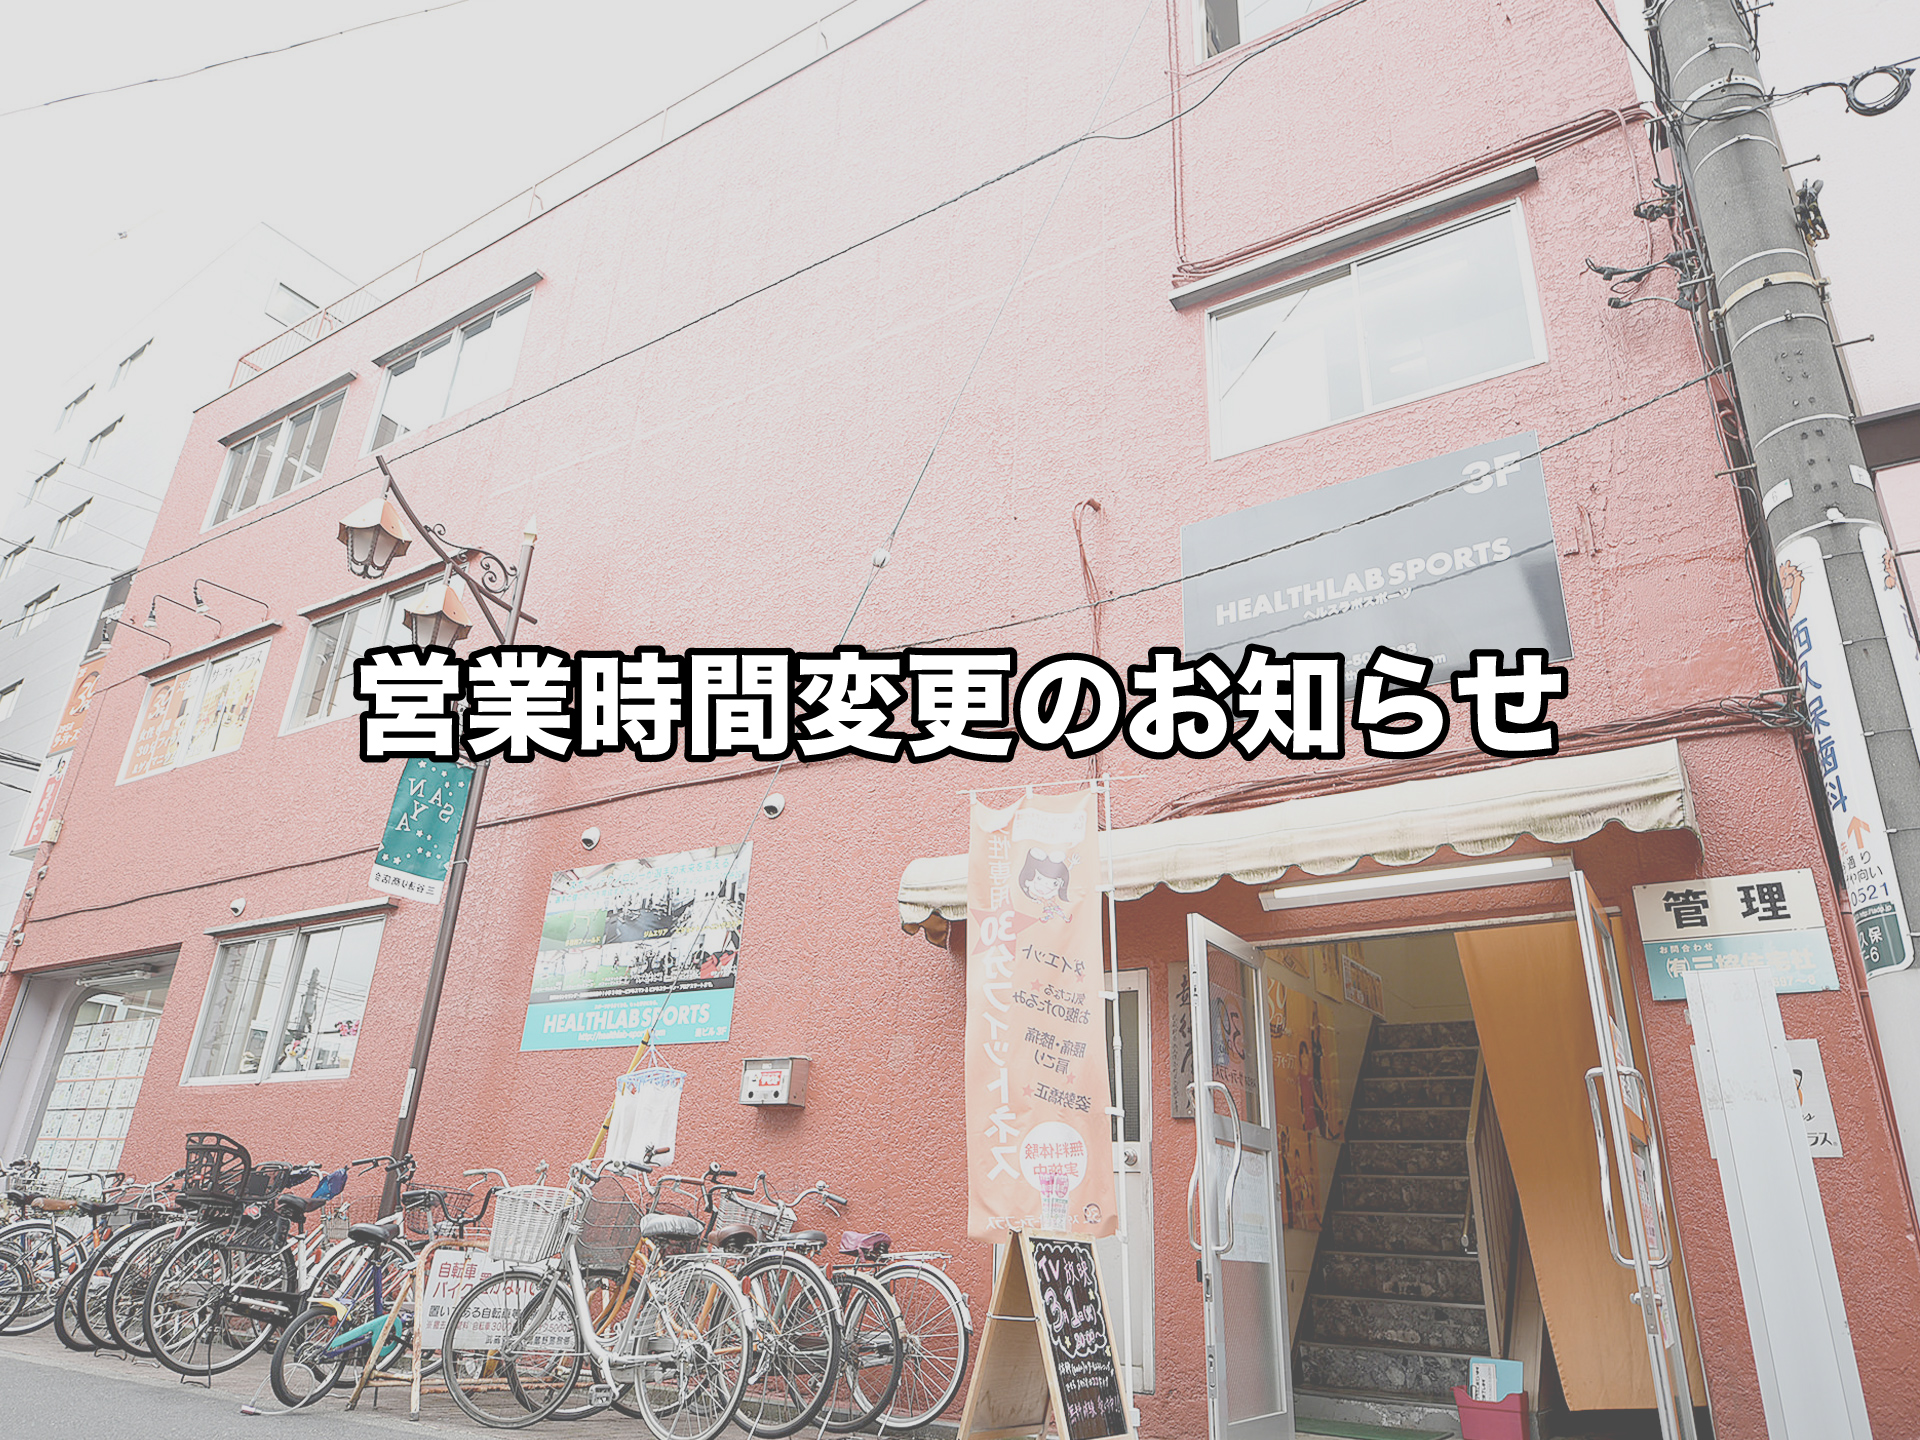 5/7(木)〜5/31(日)営業時間変更のお知らせ